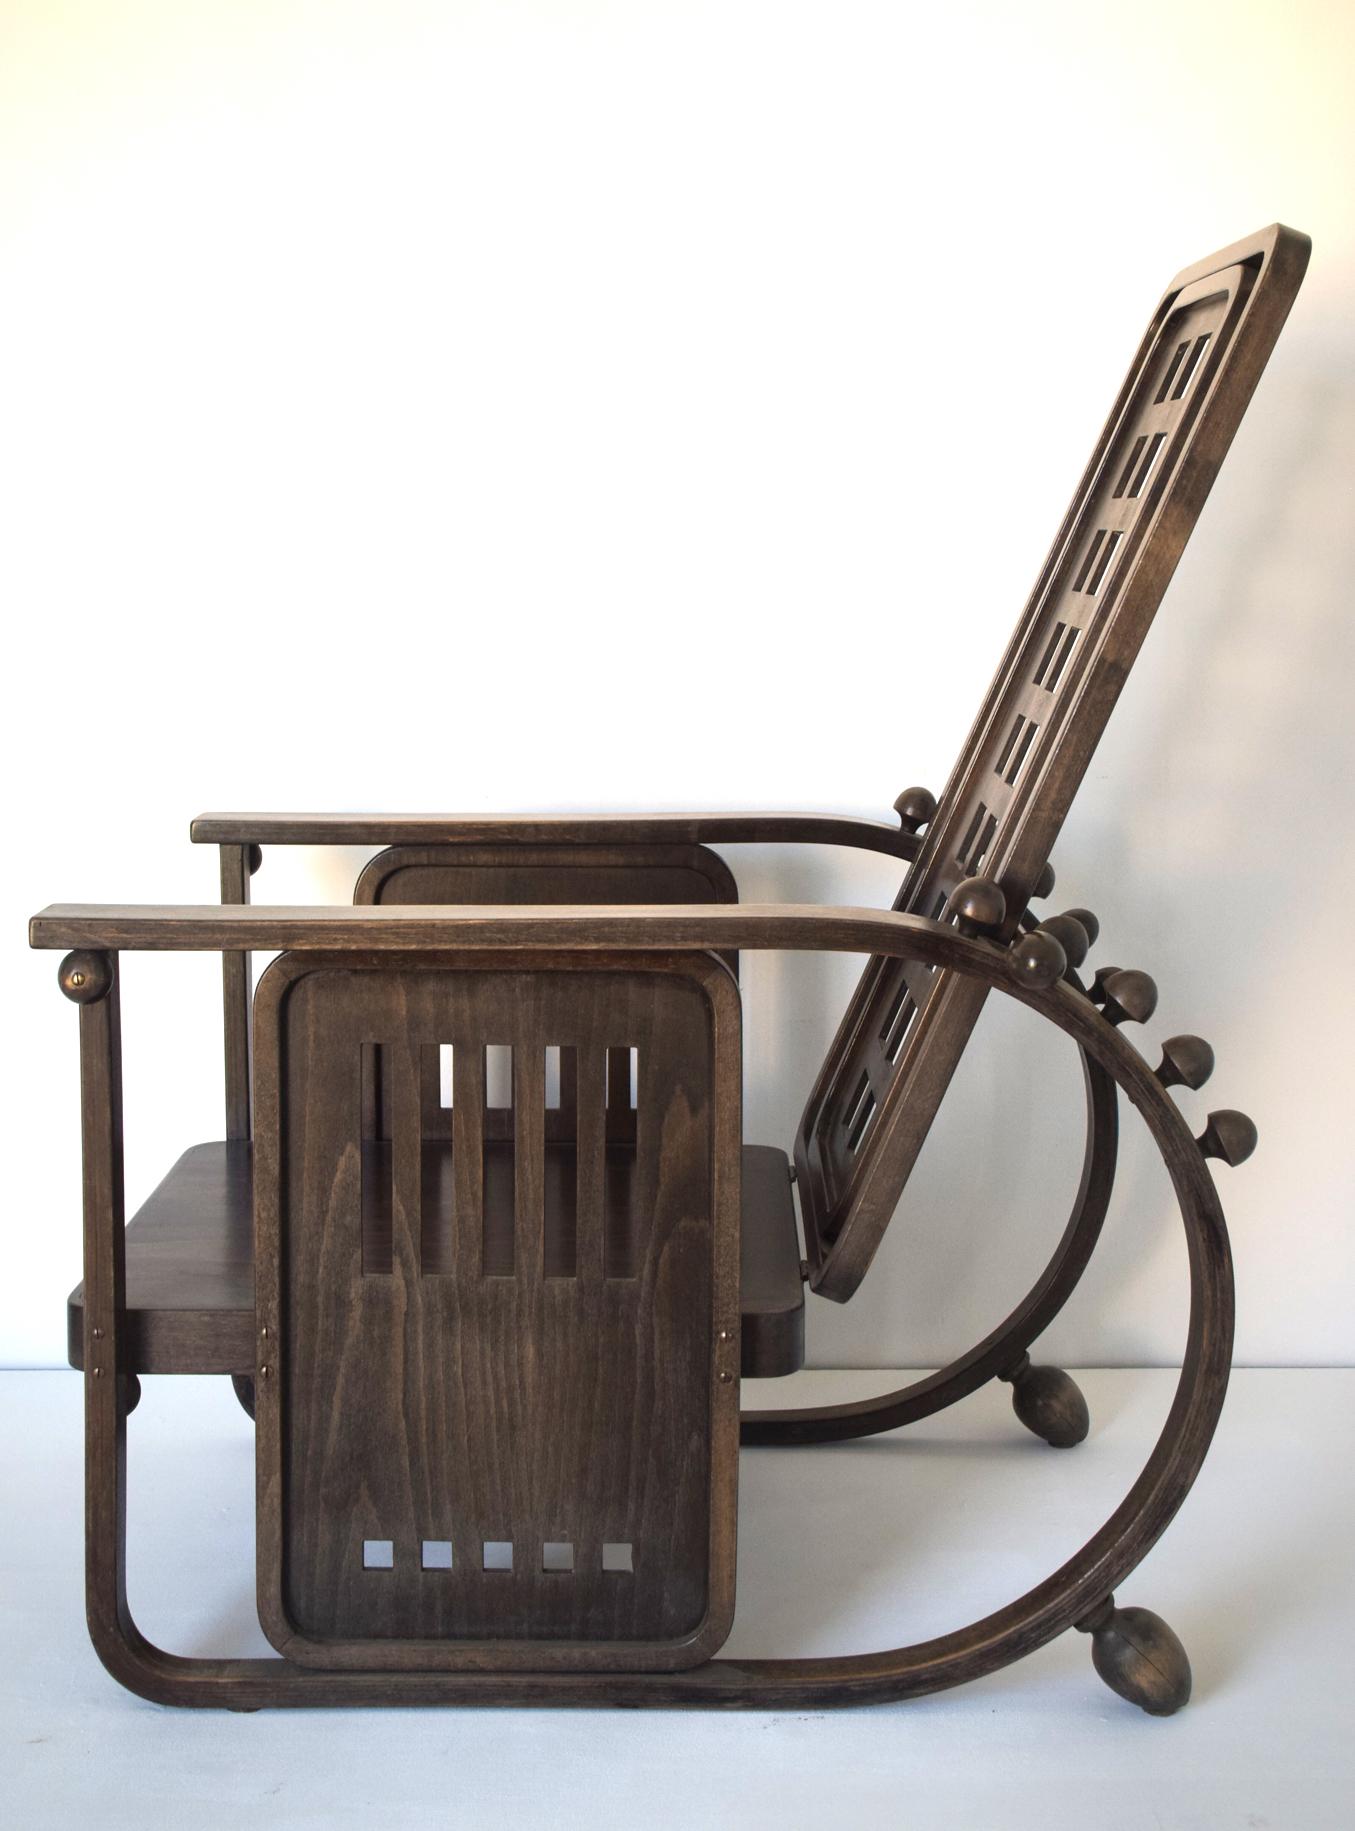 Hoffman style armchair